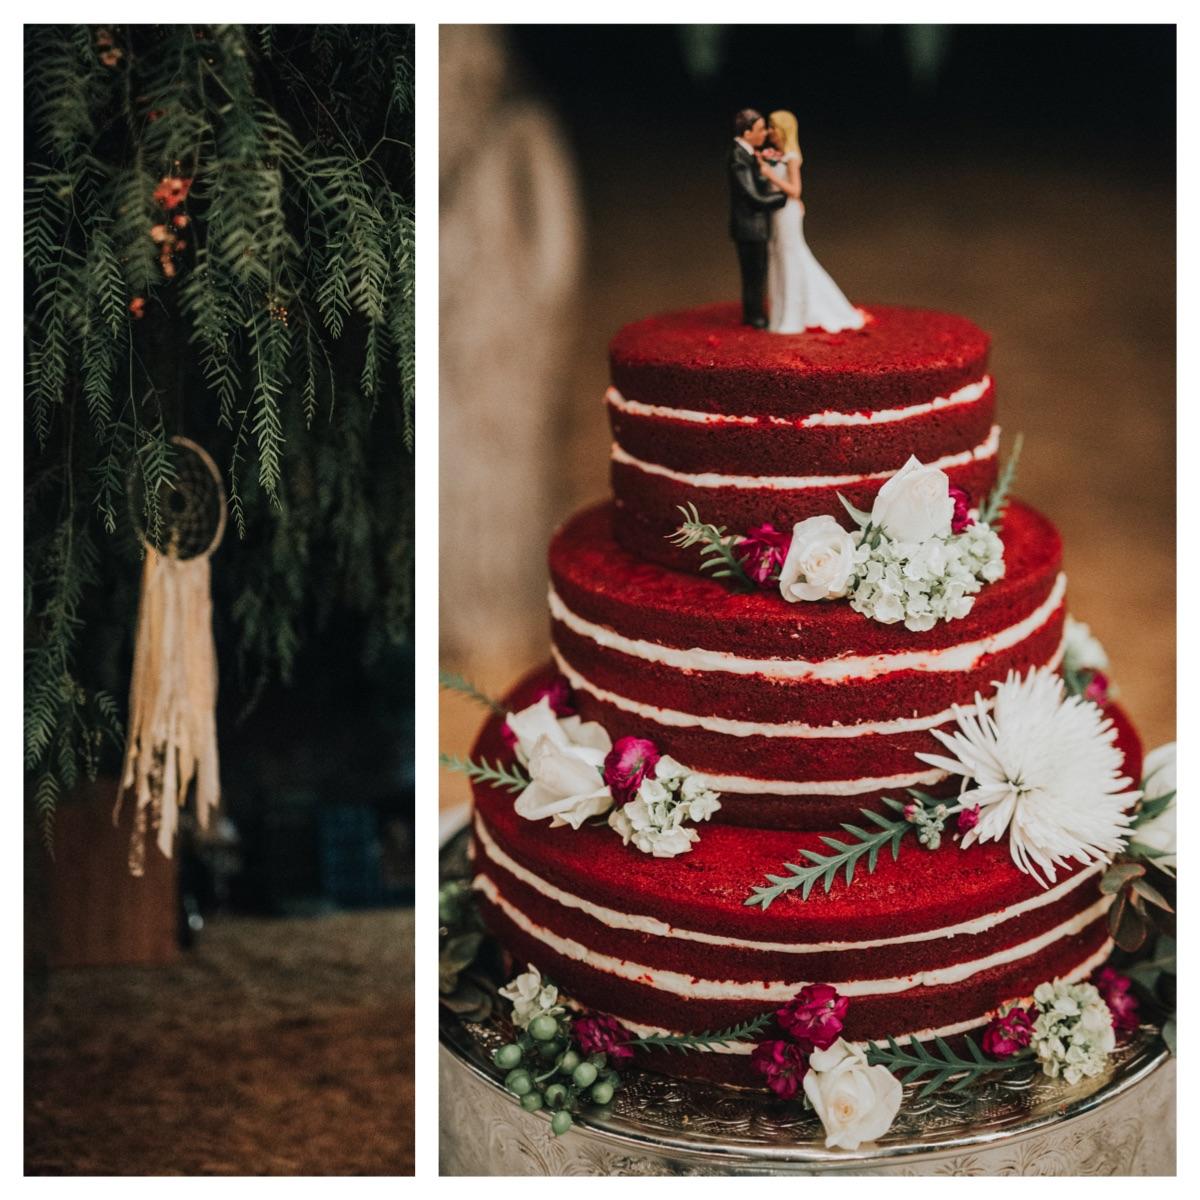 red-velvet-naked-cake-bohemian-wedding-inspiration